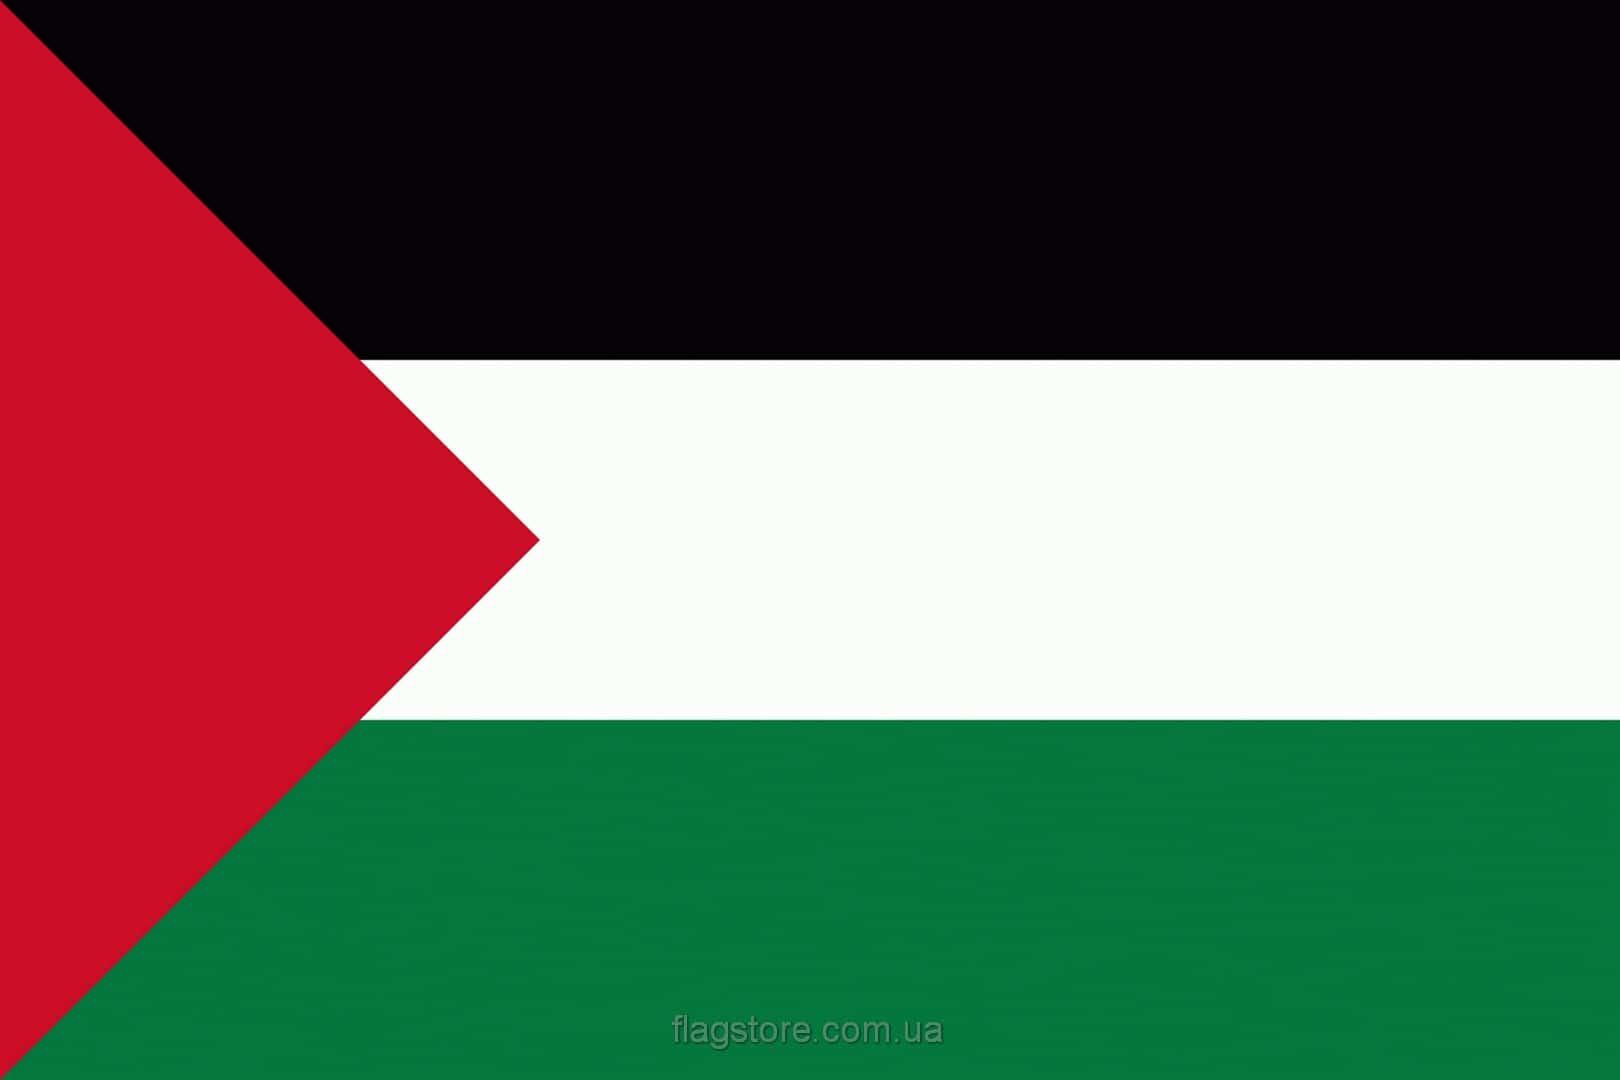 Купить флаг Палестины (страны Палестина)